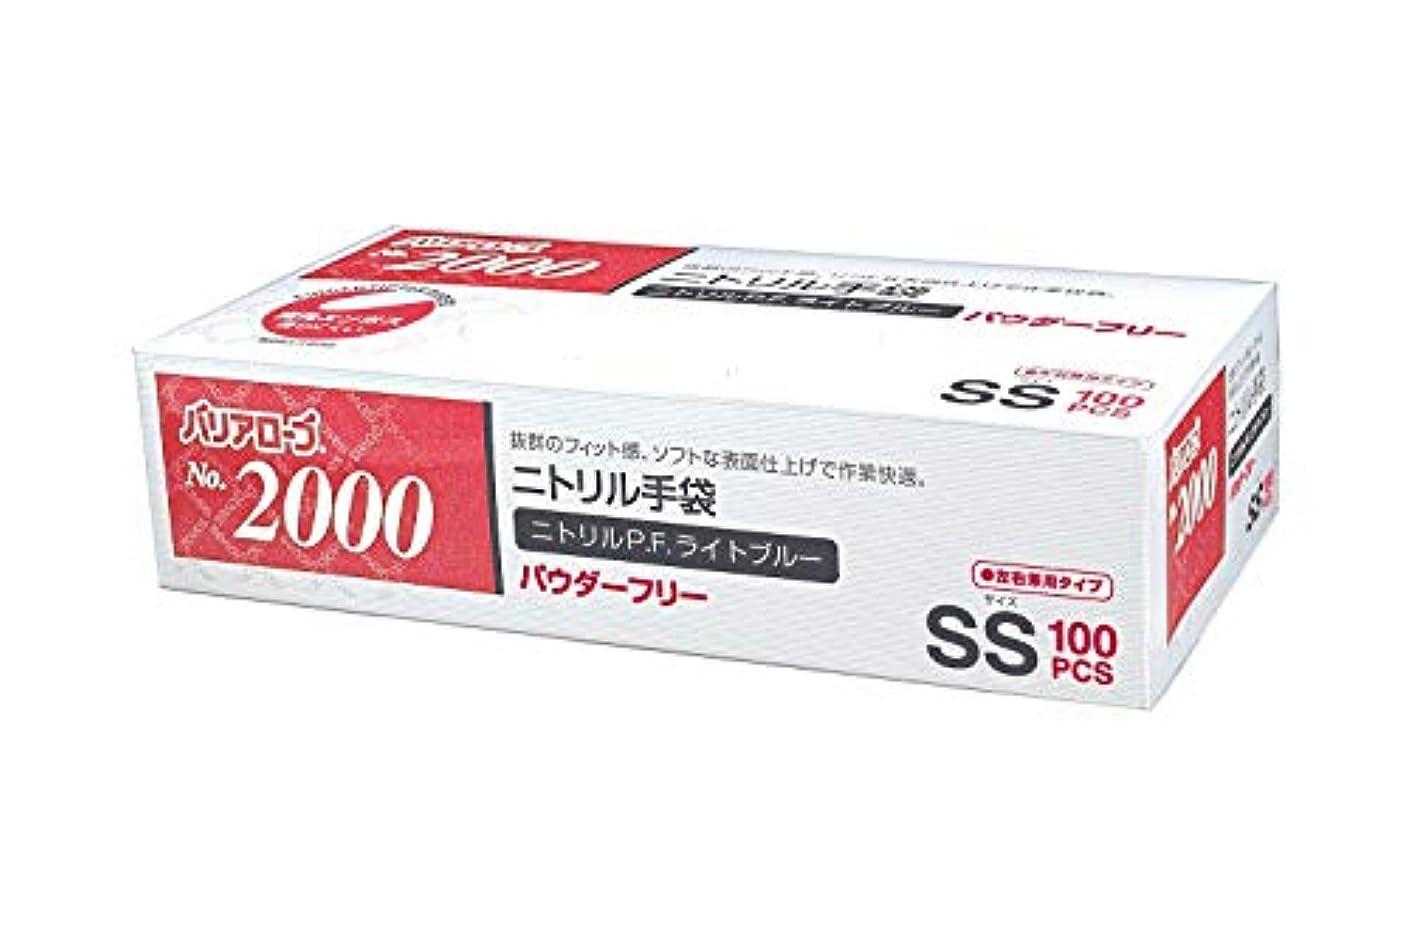 ブランチロッカーマキシム【ケース販売】 バリアローブ №2000 ニトリルP.F.ライト ブルー (パウダーフリー) SS 2000枚(100枚×20箱)